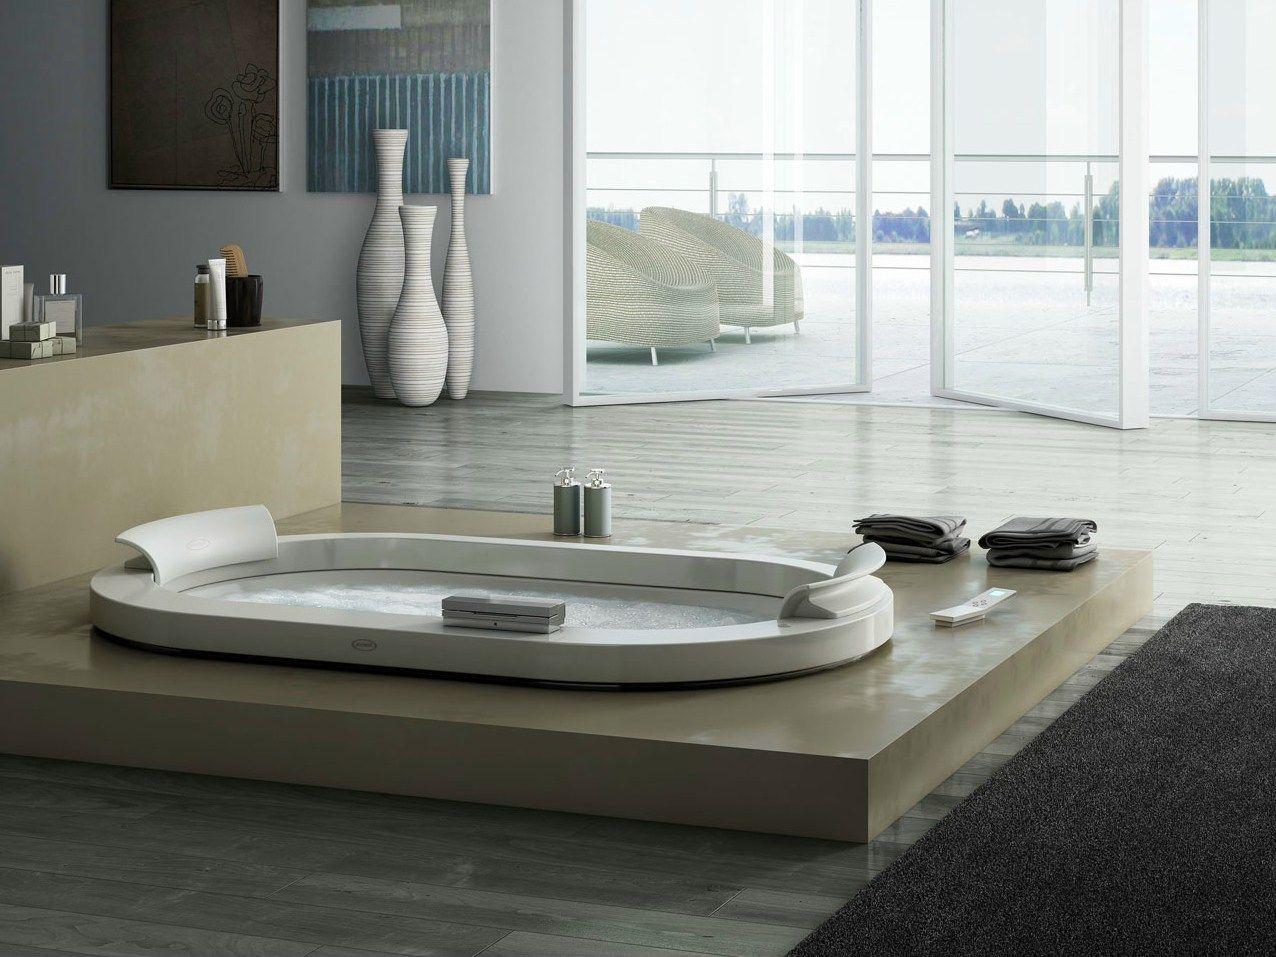 Vasca da bagno idromassaggio da incasso con top in corian - Vernici per vasche da bagno ...